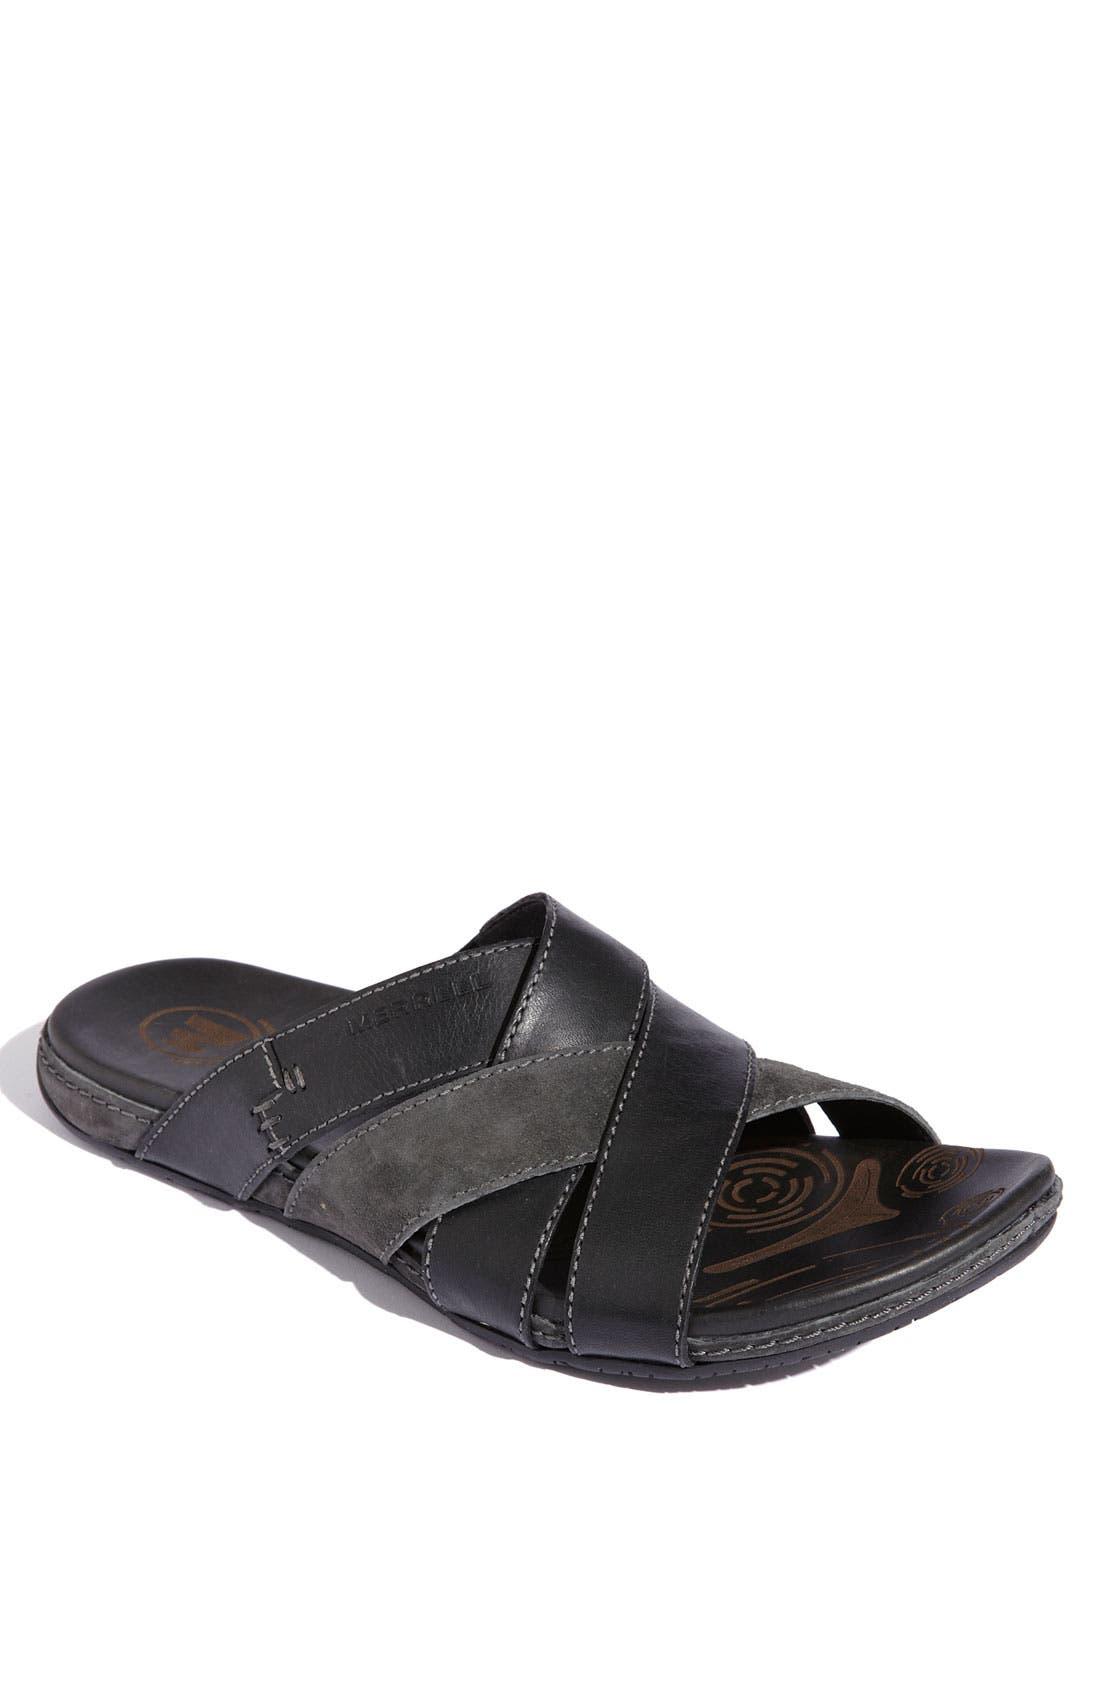 Main Image - Merrell 'Arrigo' Sandal